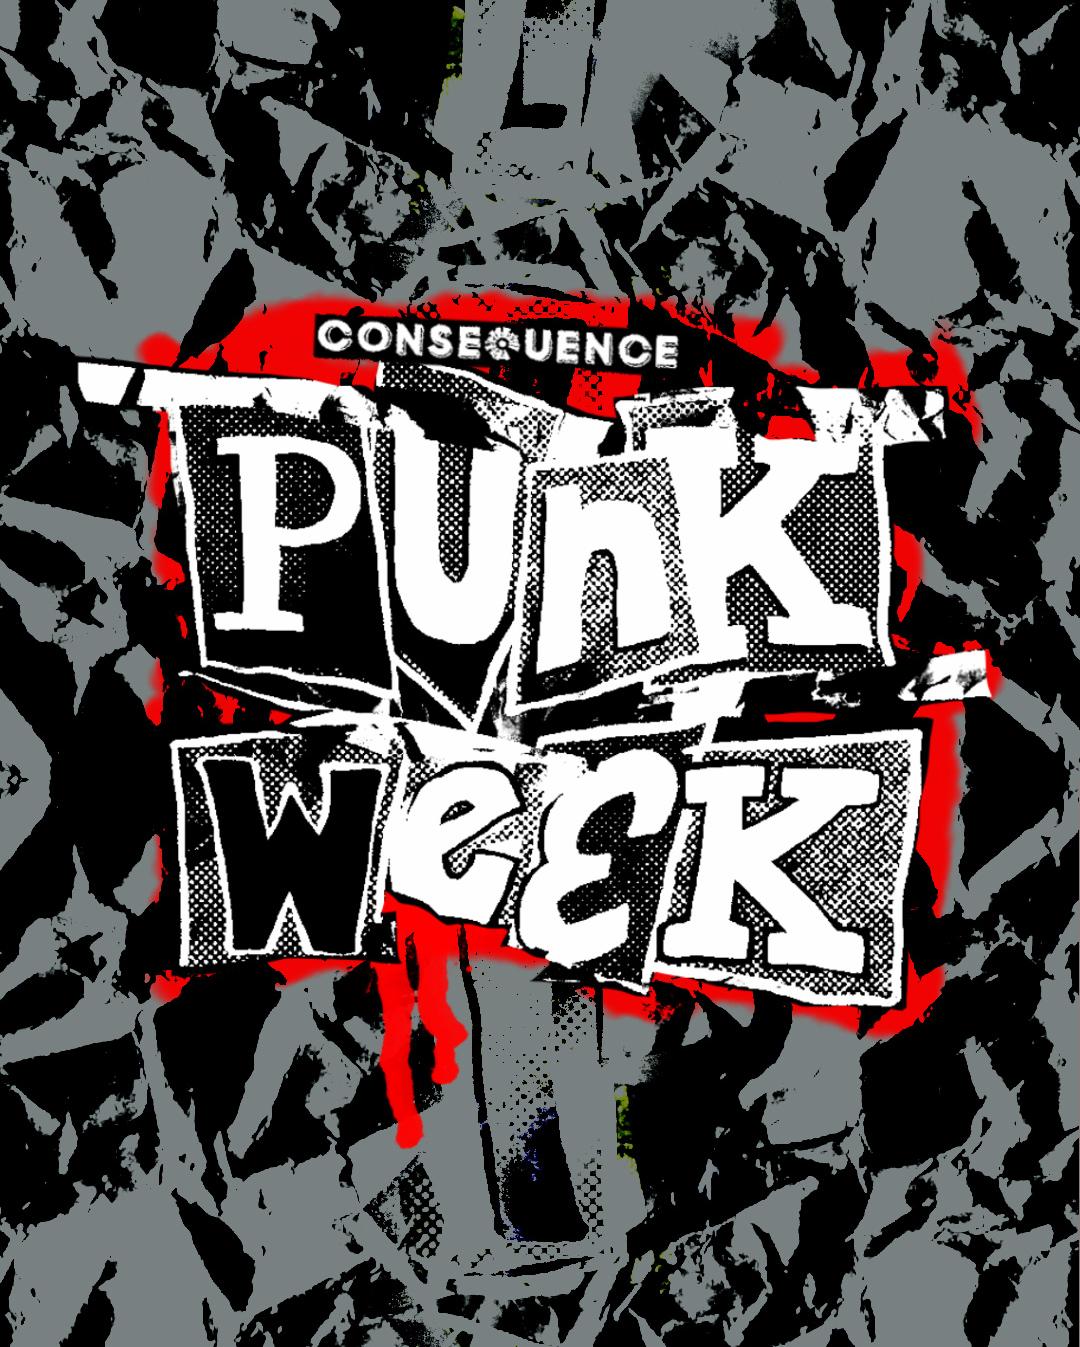 punk is dead long live punk week consequence critter crew t-shirt shirt tee